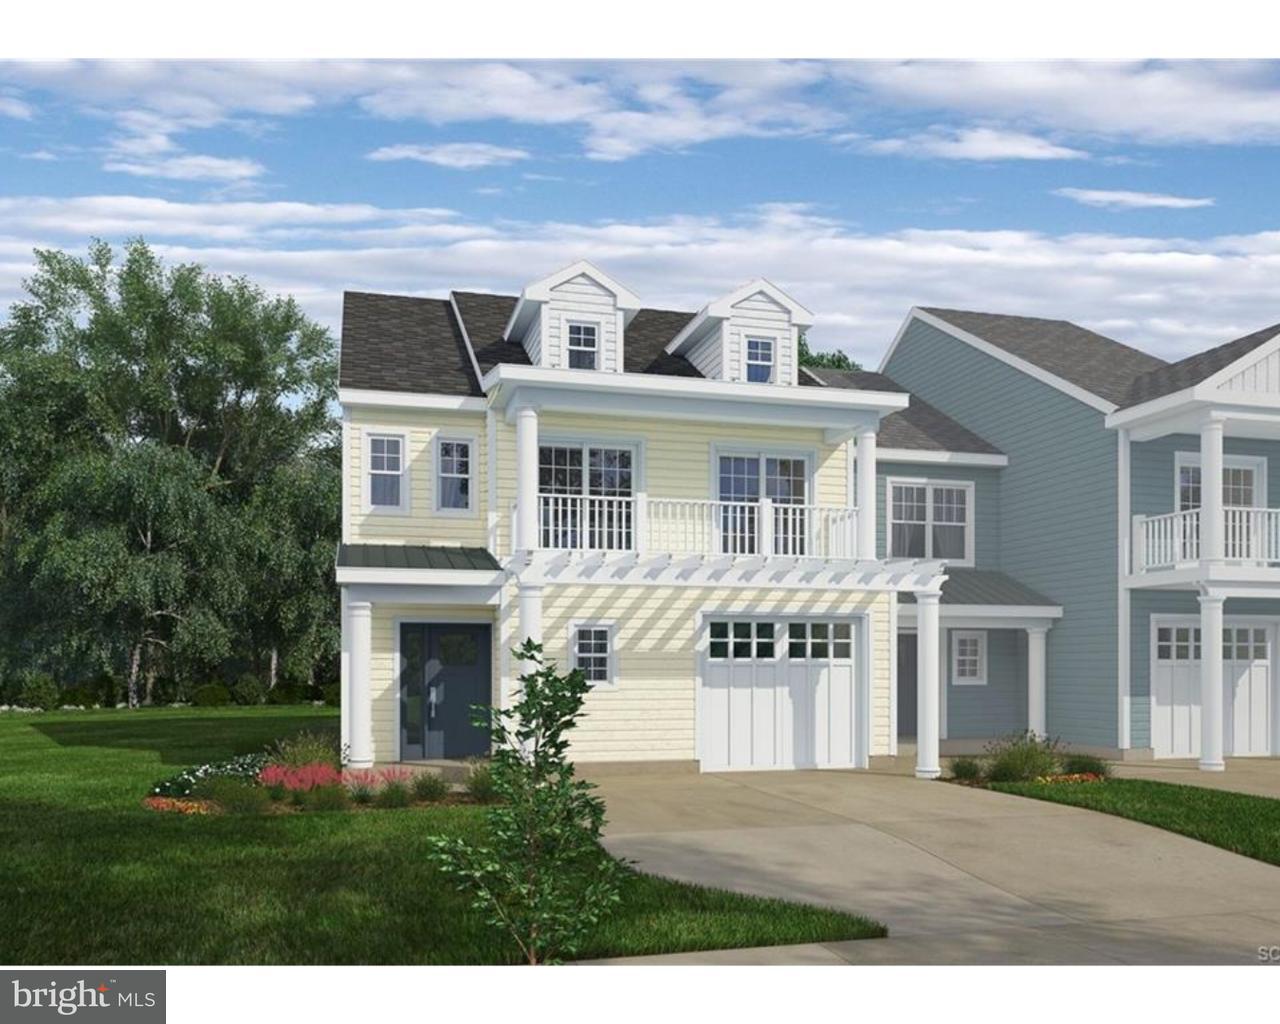 Maison unifamiliale pour l Vente à 36209 GLENVEAGH RD #UNIT 1 Selbyville, Delaware 19975 États-Unis